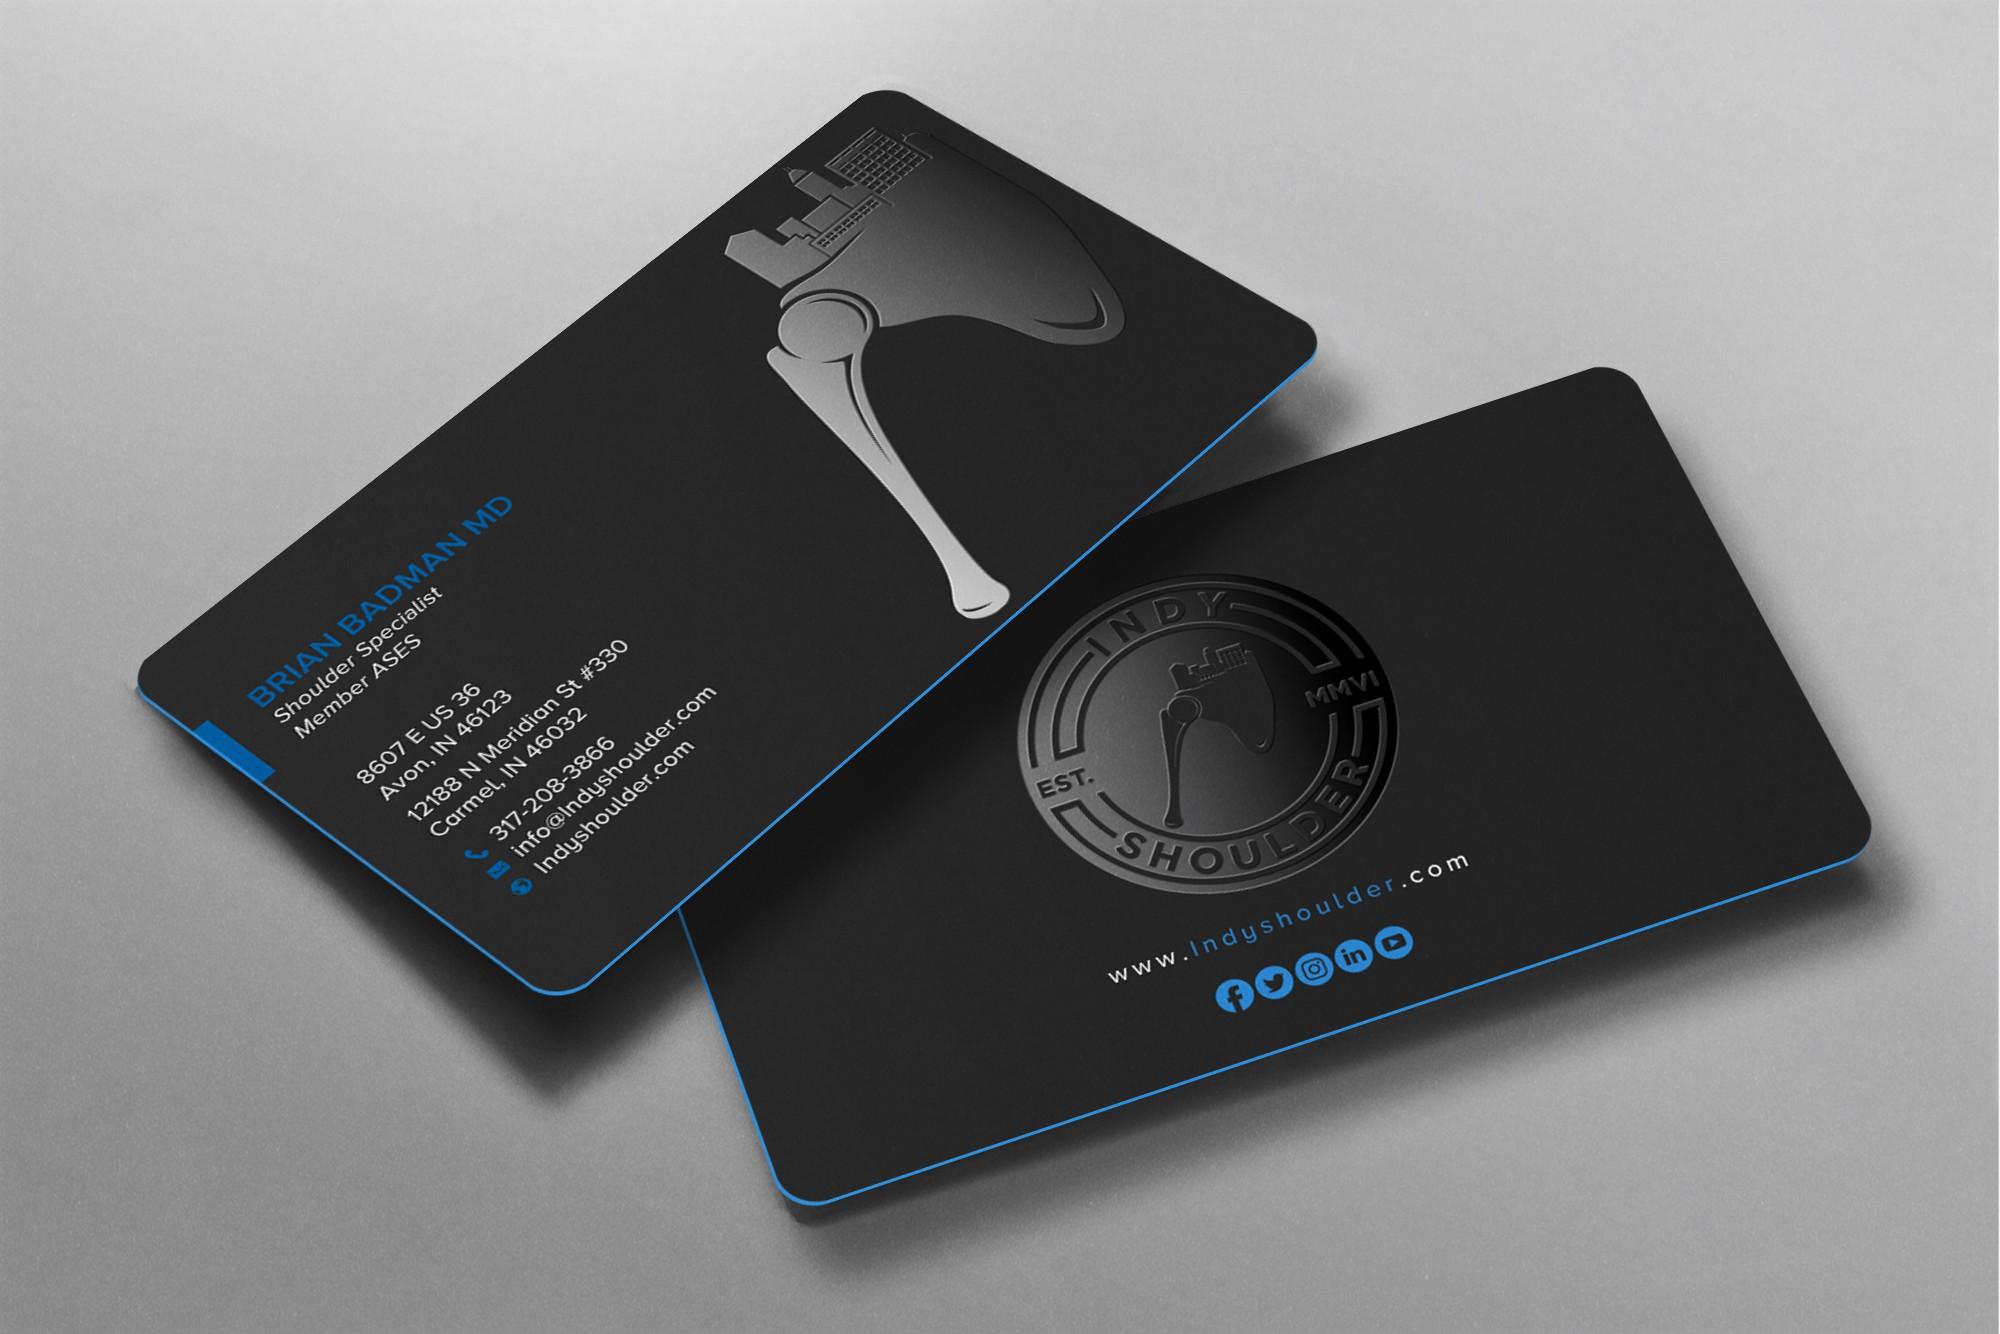 Indyshoulder Business Card